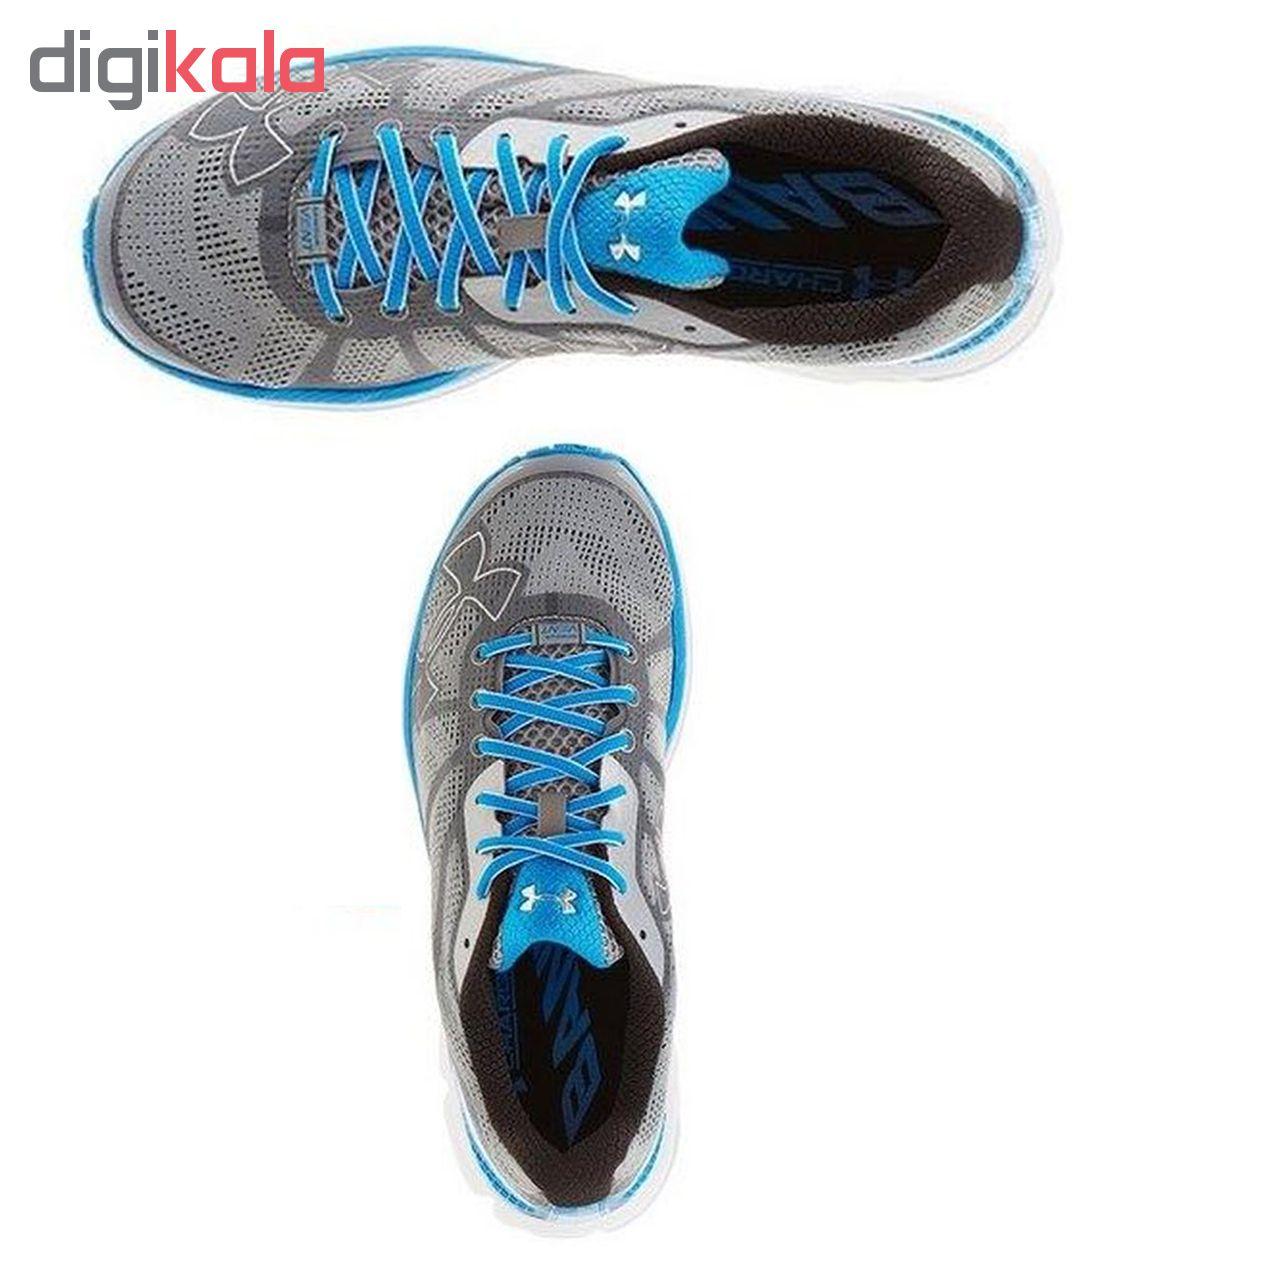 کفش ورزشی مخصوص دویدن و پیاده روی مردانه آندر ارمور مدل Charged Bandit کد 125Q